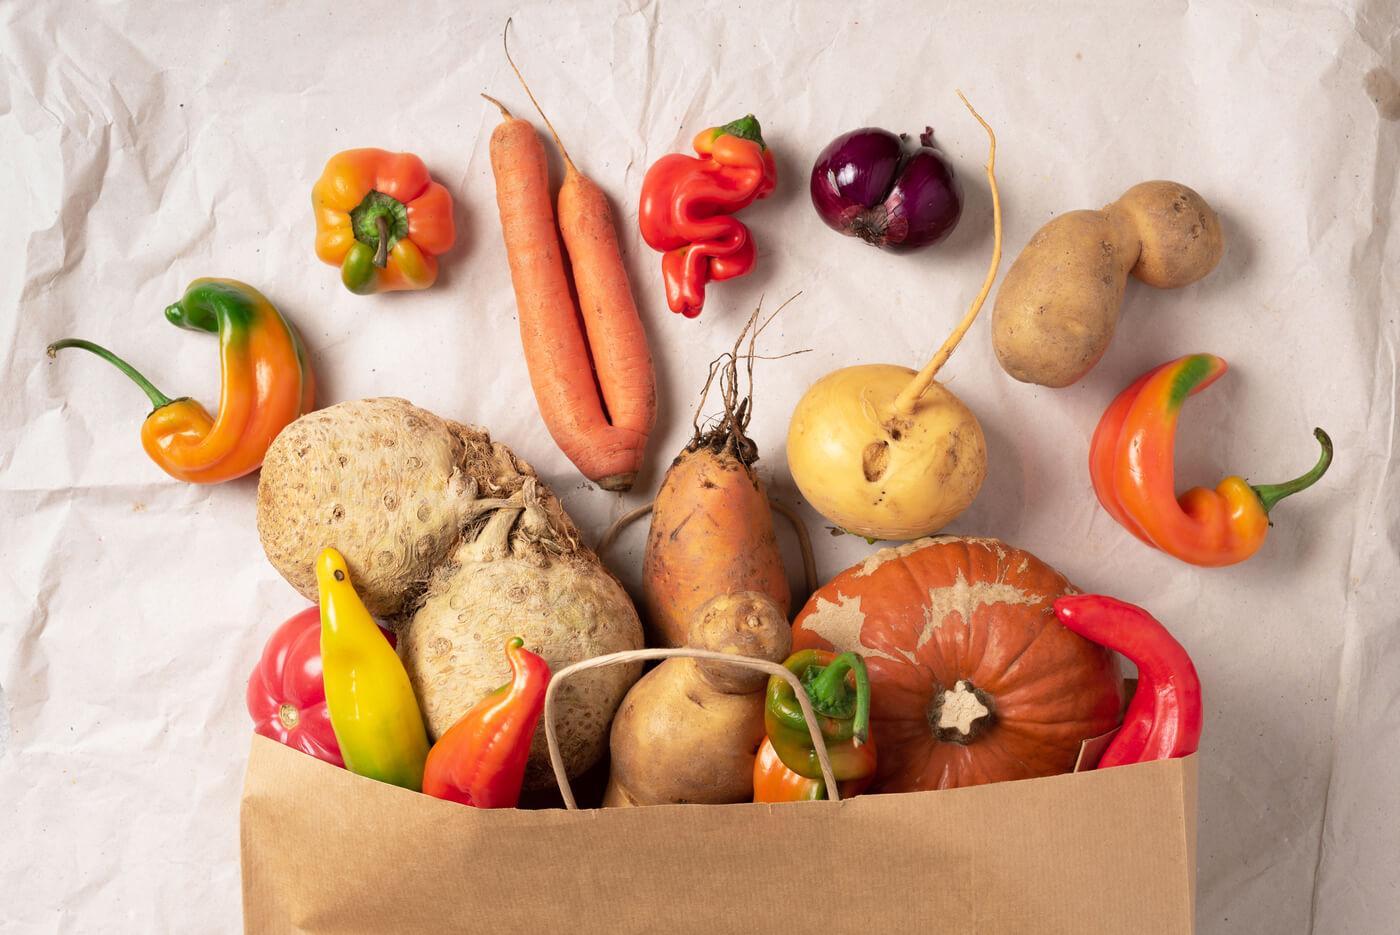 Frutas y verduras imperfectas: ¿llegó ya la hora de no mirar hacia otro lado?